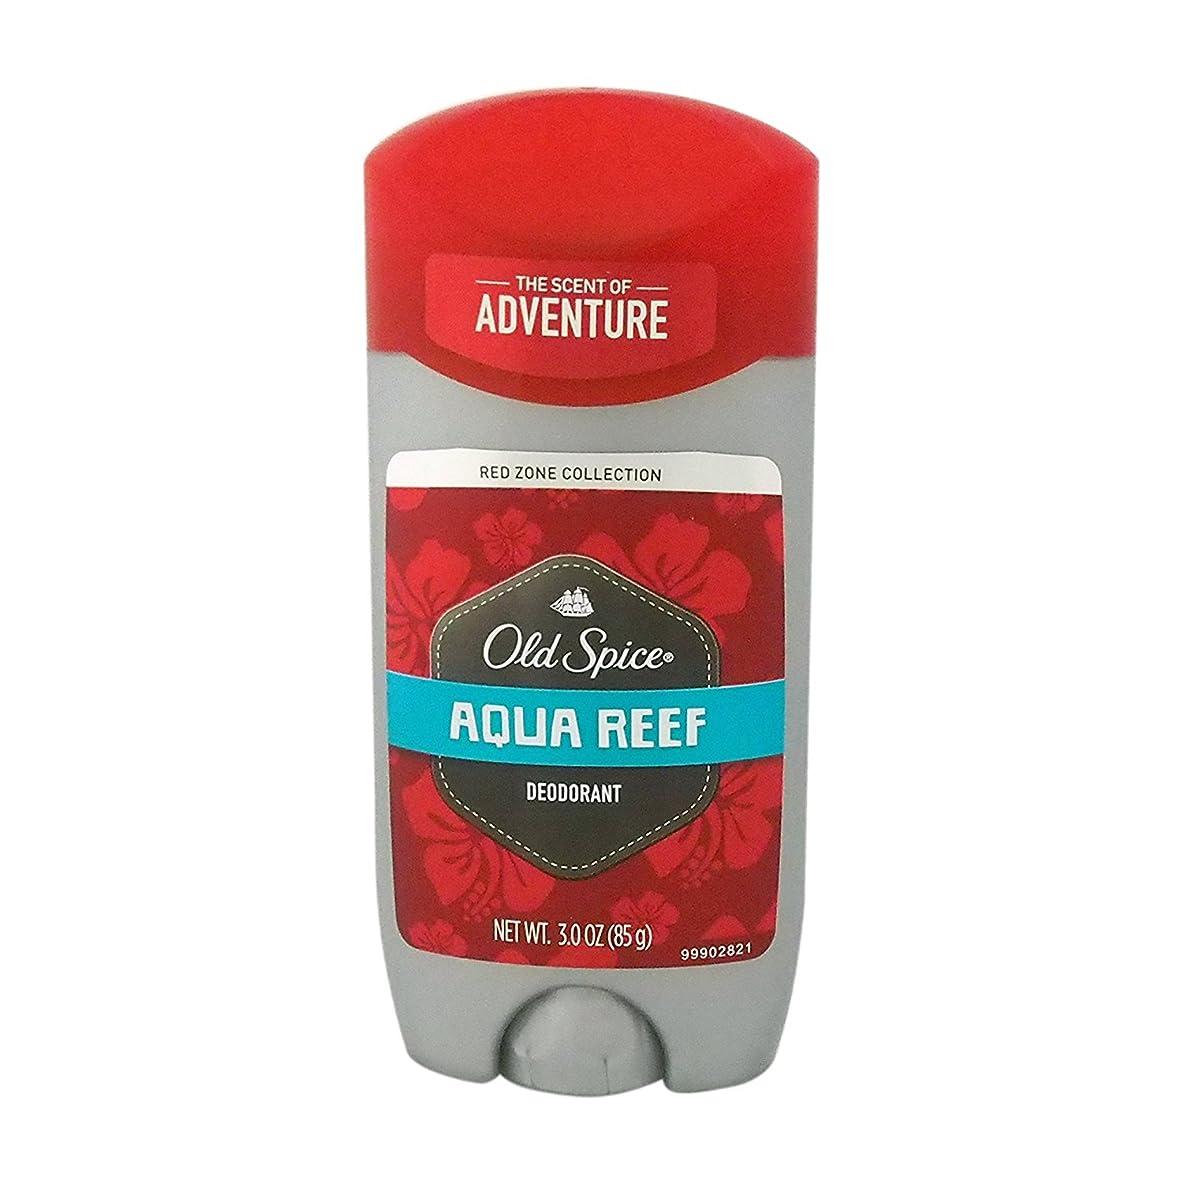 空港こっそりご近所オールドスパイス(Old Spice) RED ZONE COLLECTION アクアリーフ デオドラント 85g[並行輸入品]